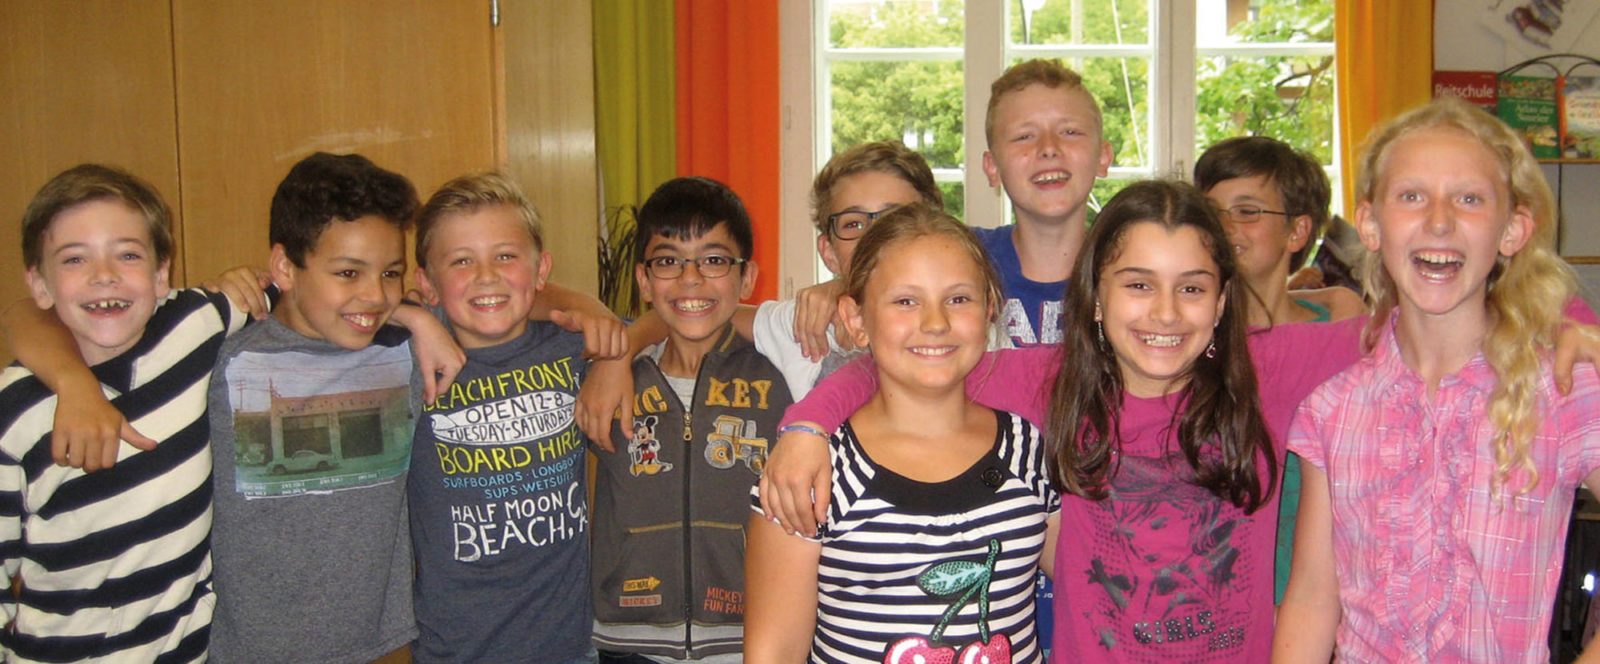 Jugendsozialarbeit an Schulen